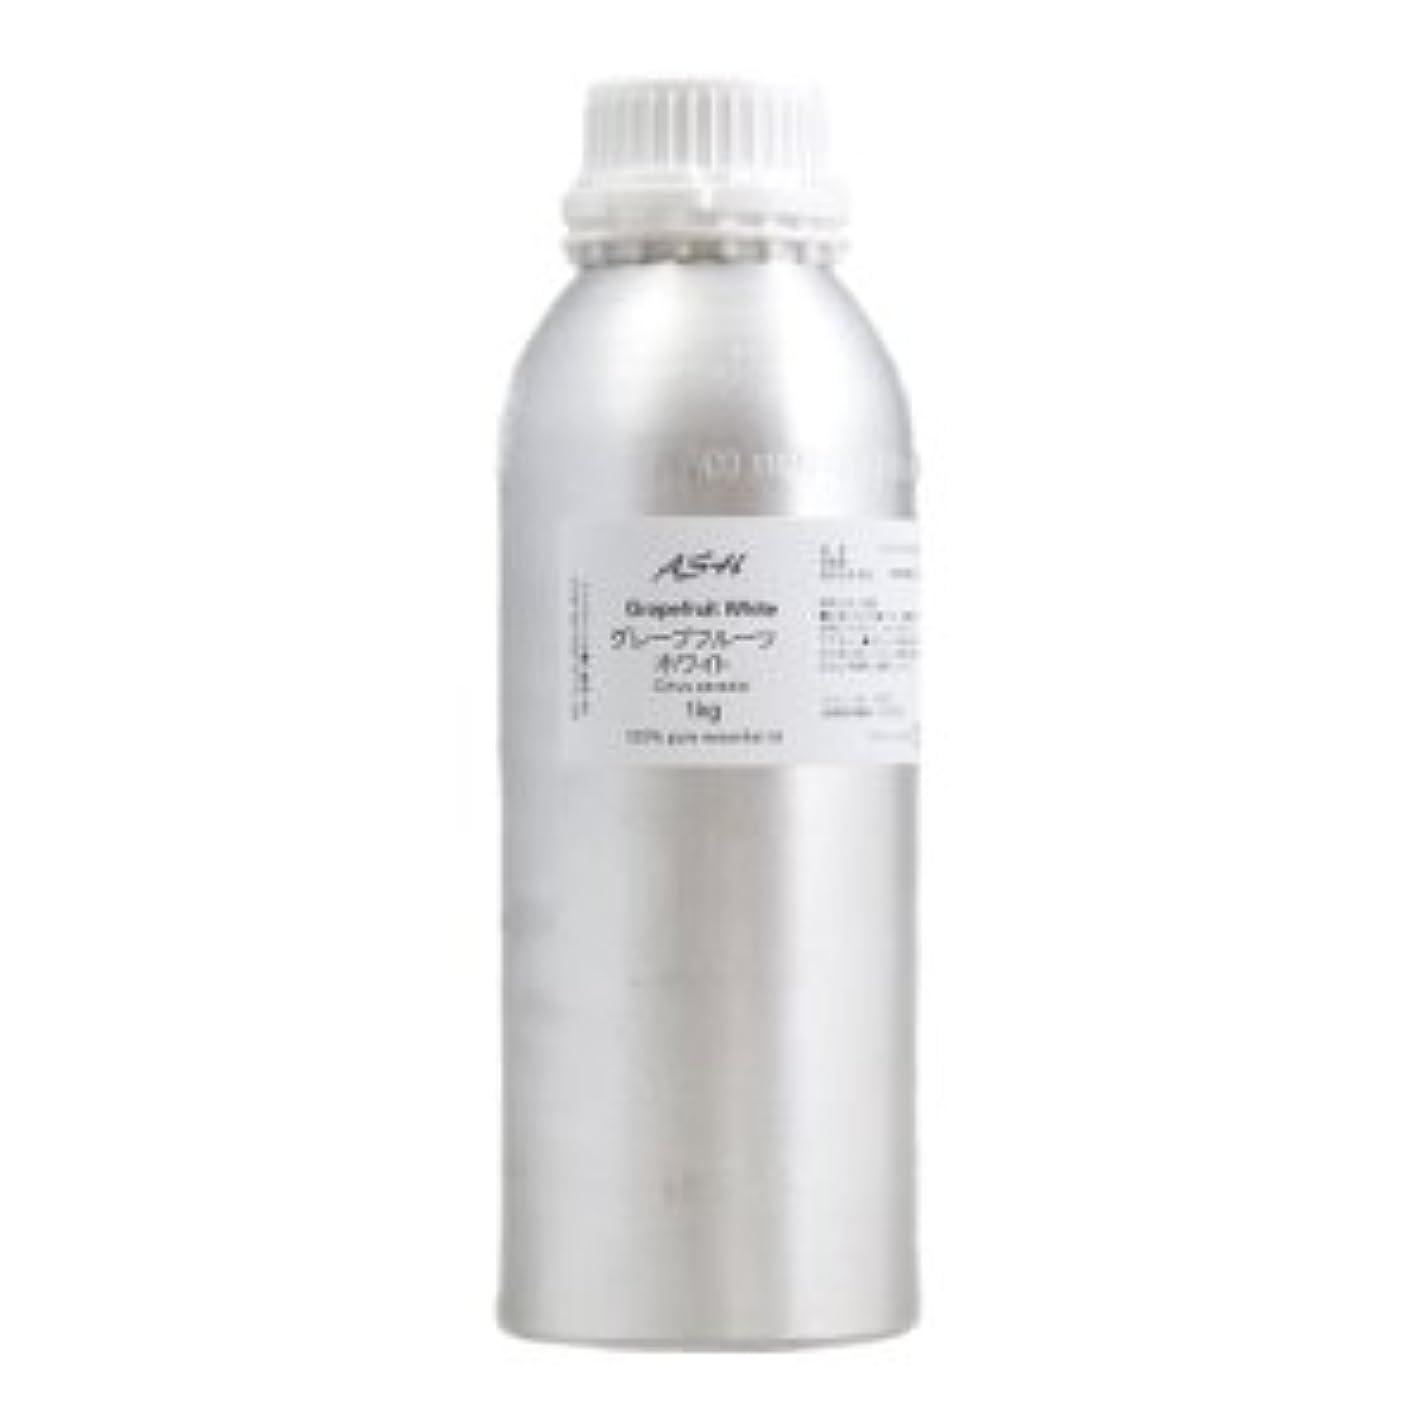 手錠満たすに同意するASH グレープフルーツホワイト エッセンシャルオイル 業務用1kg AEAJ表示基準適合認定精油